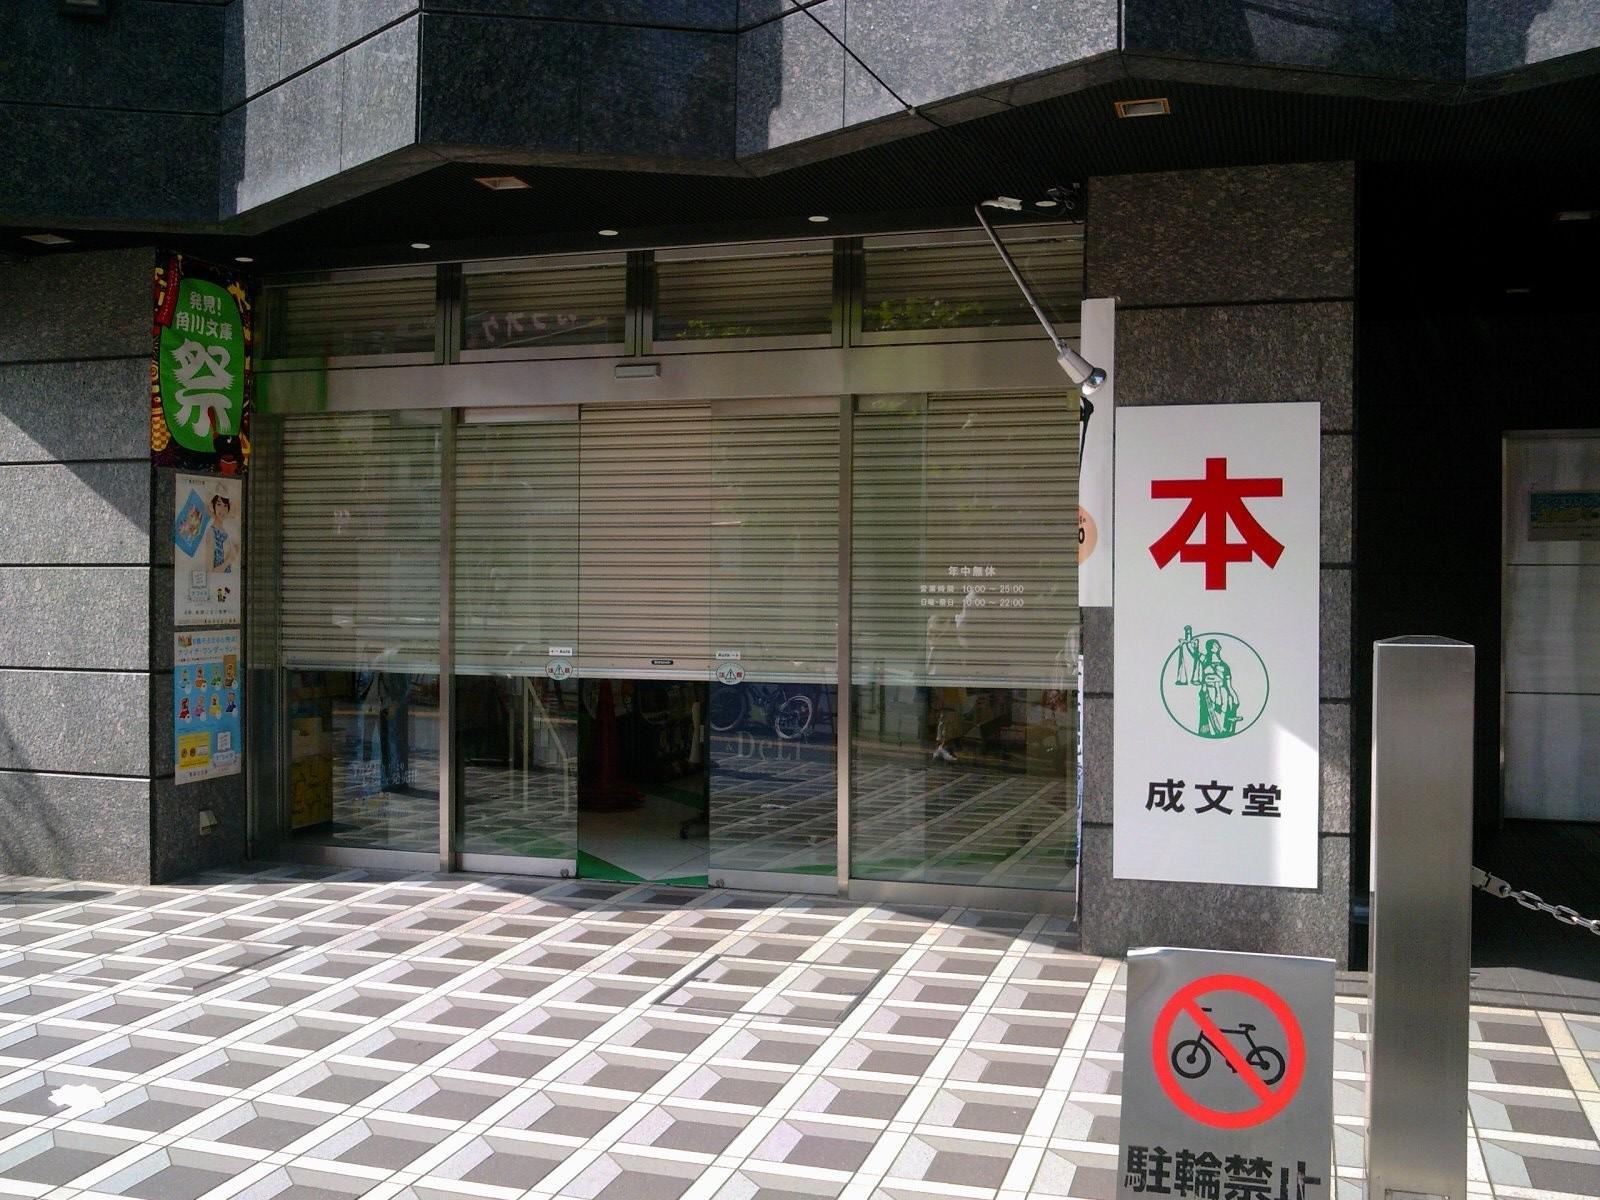 成文堂早稲田駅前店のブログ : 【オープンキャンパスへお越し ...